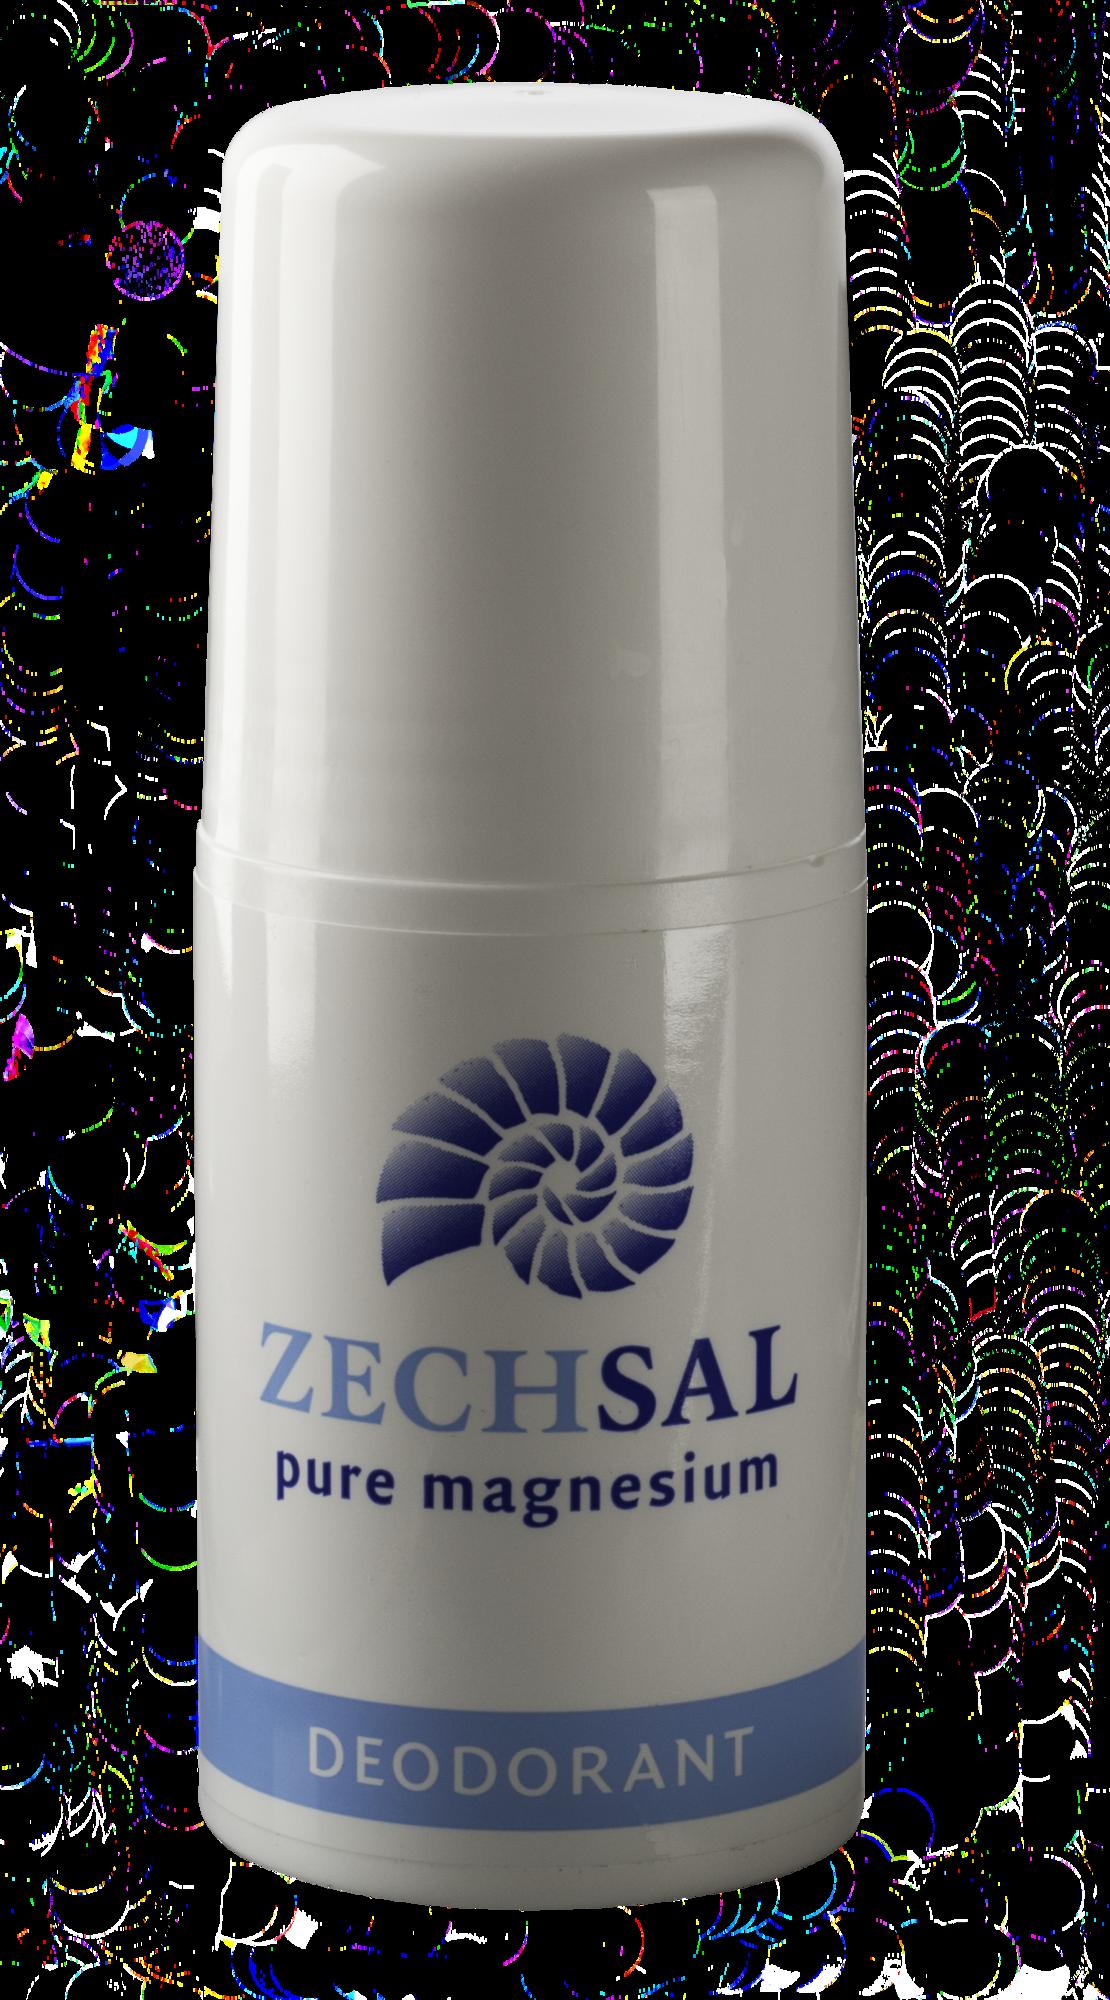 Zechsal deodorant, 75 ml. Prebiotisch natuurlijk!